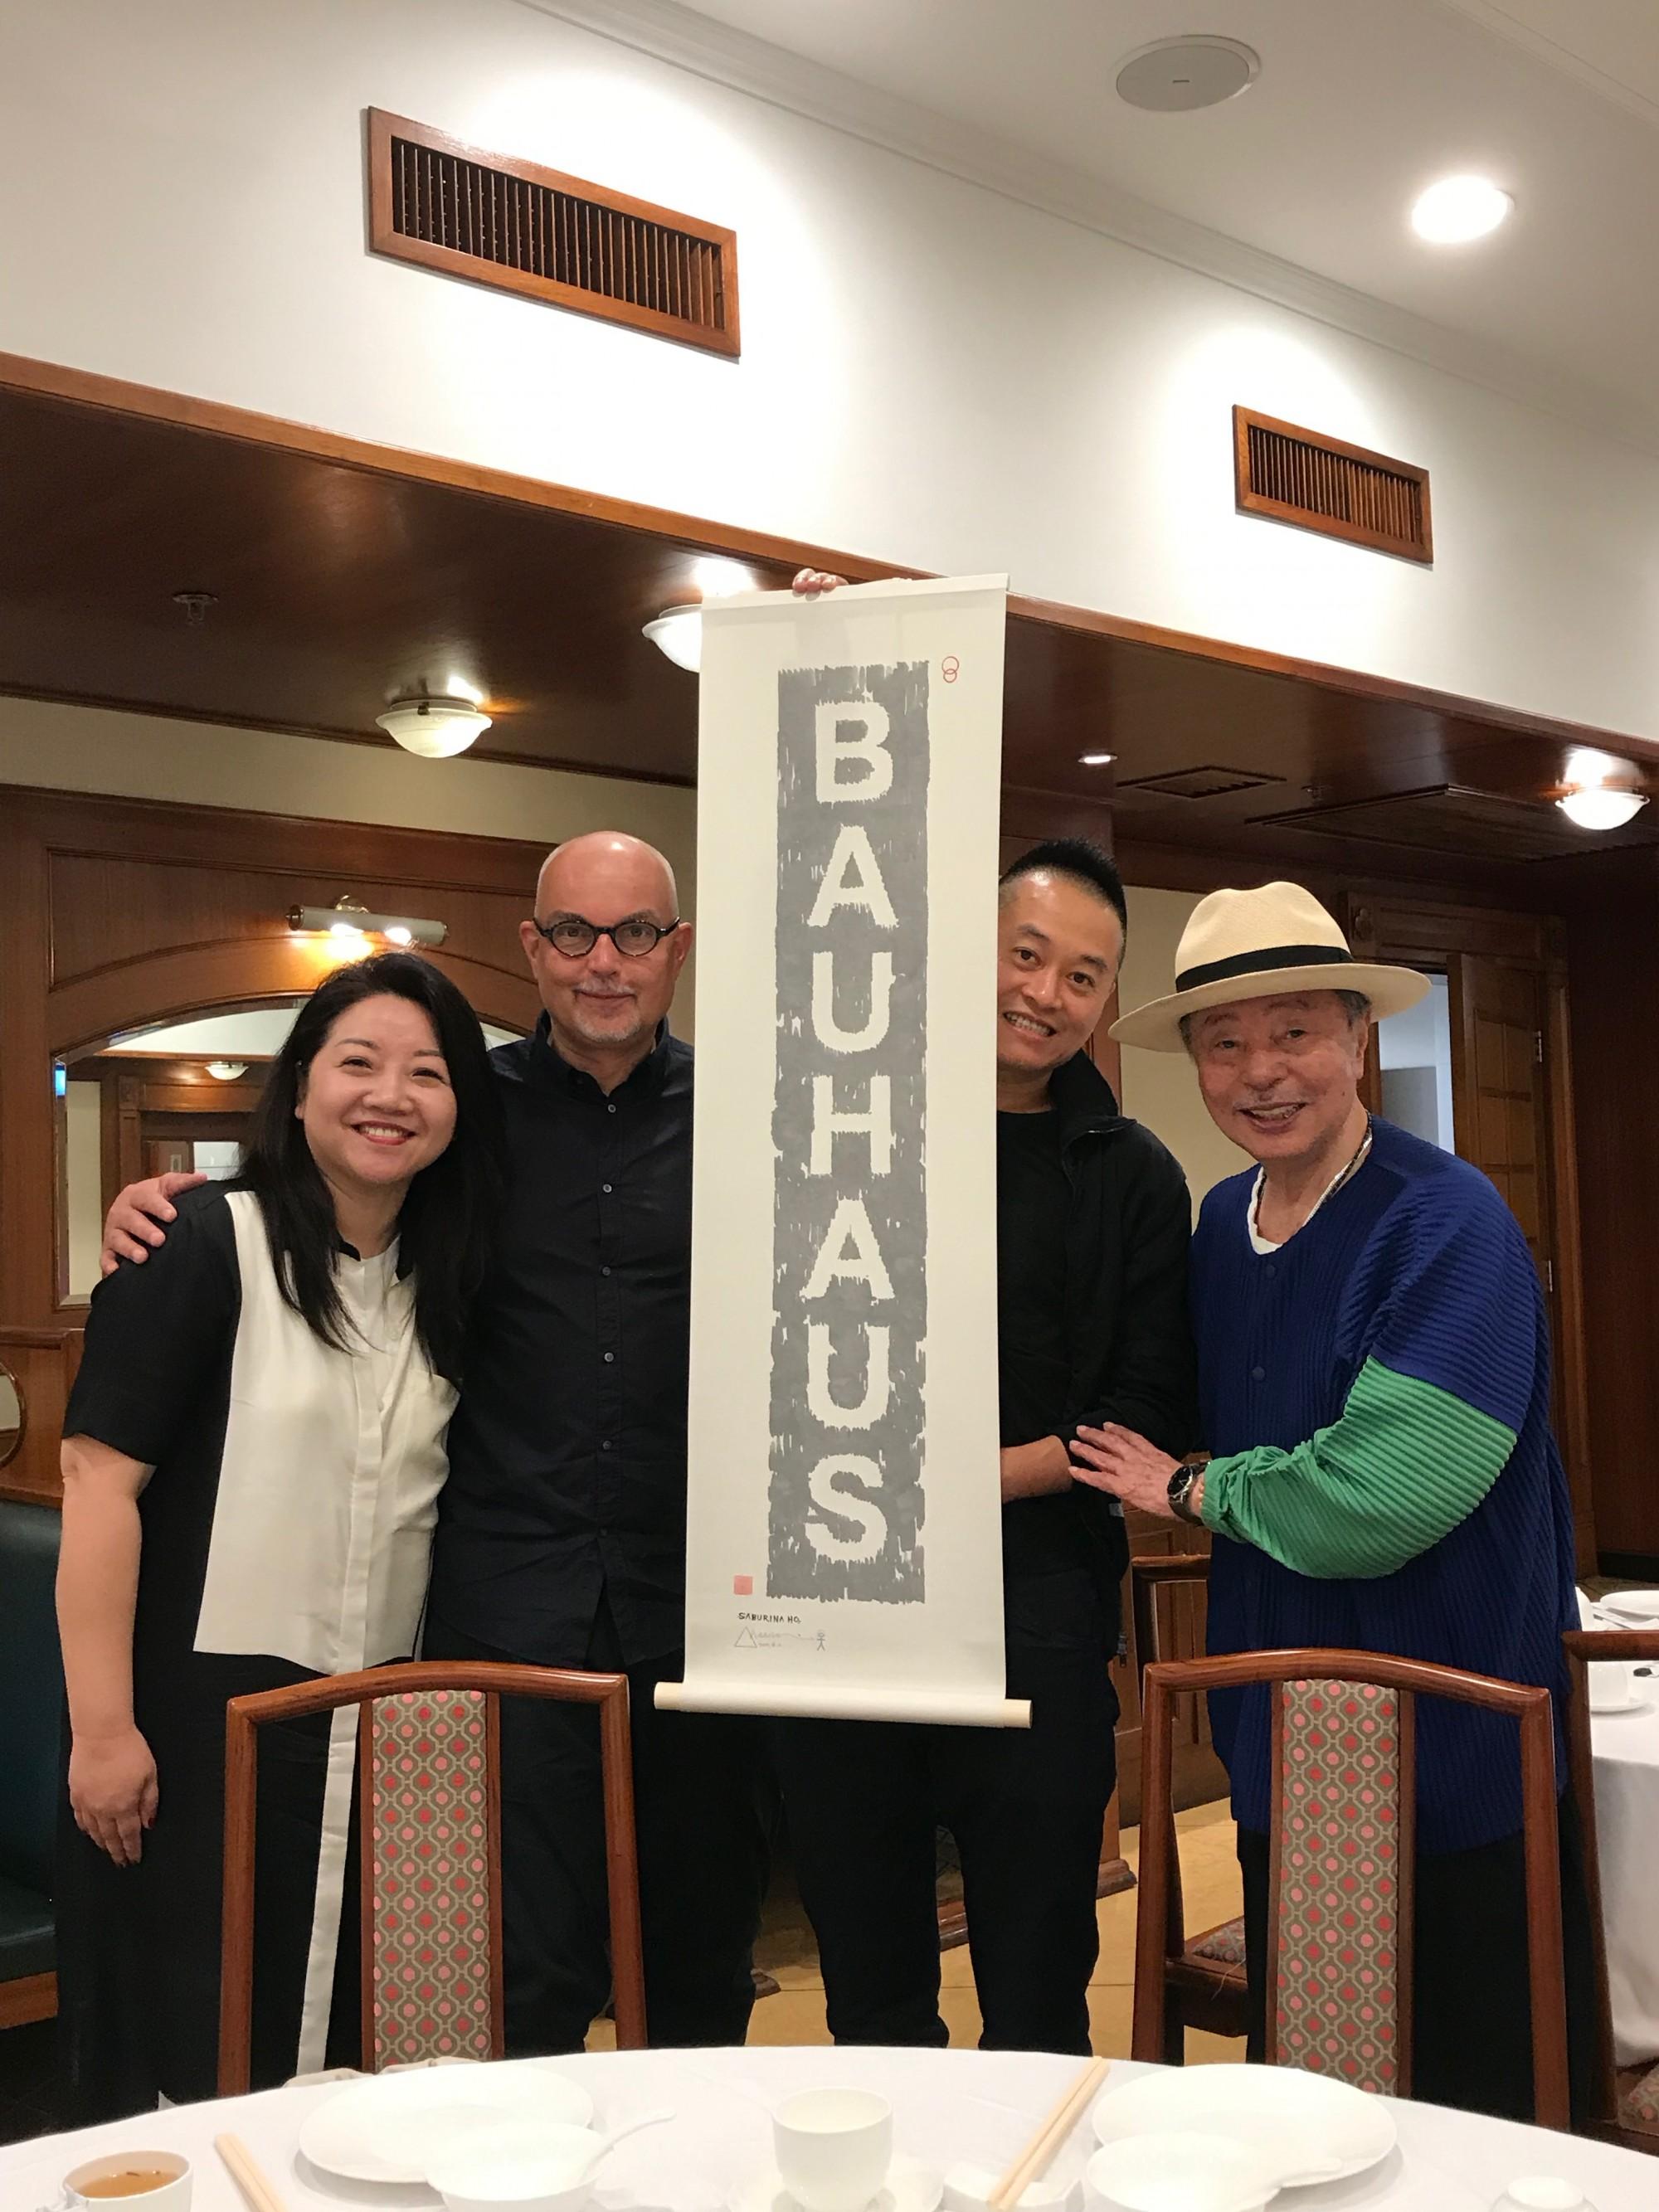 Connie Kong, Markus Weisbeck, Jumping He, Asaba Katsumi